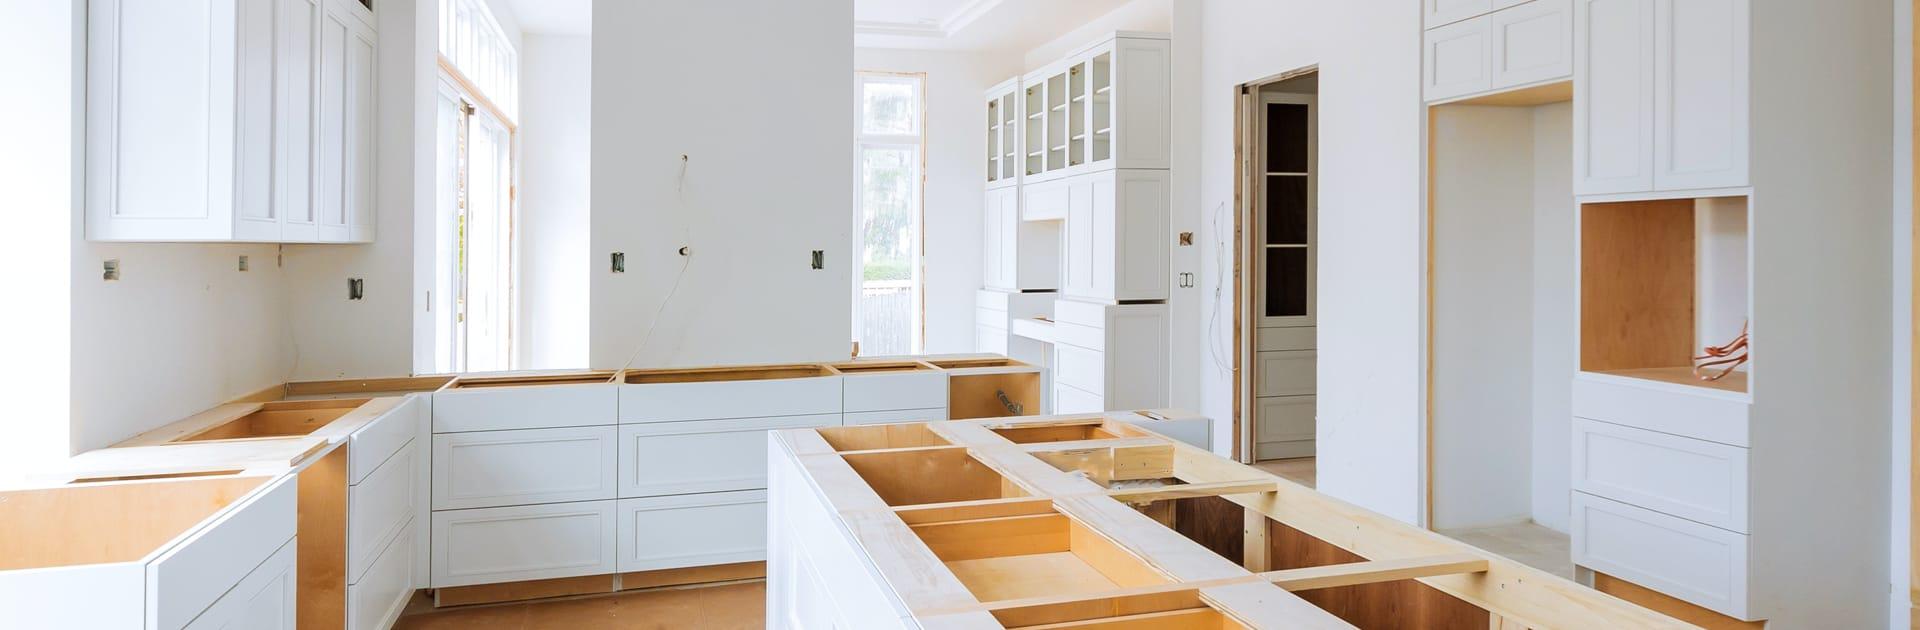 Keukenmontage & Keuken montage